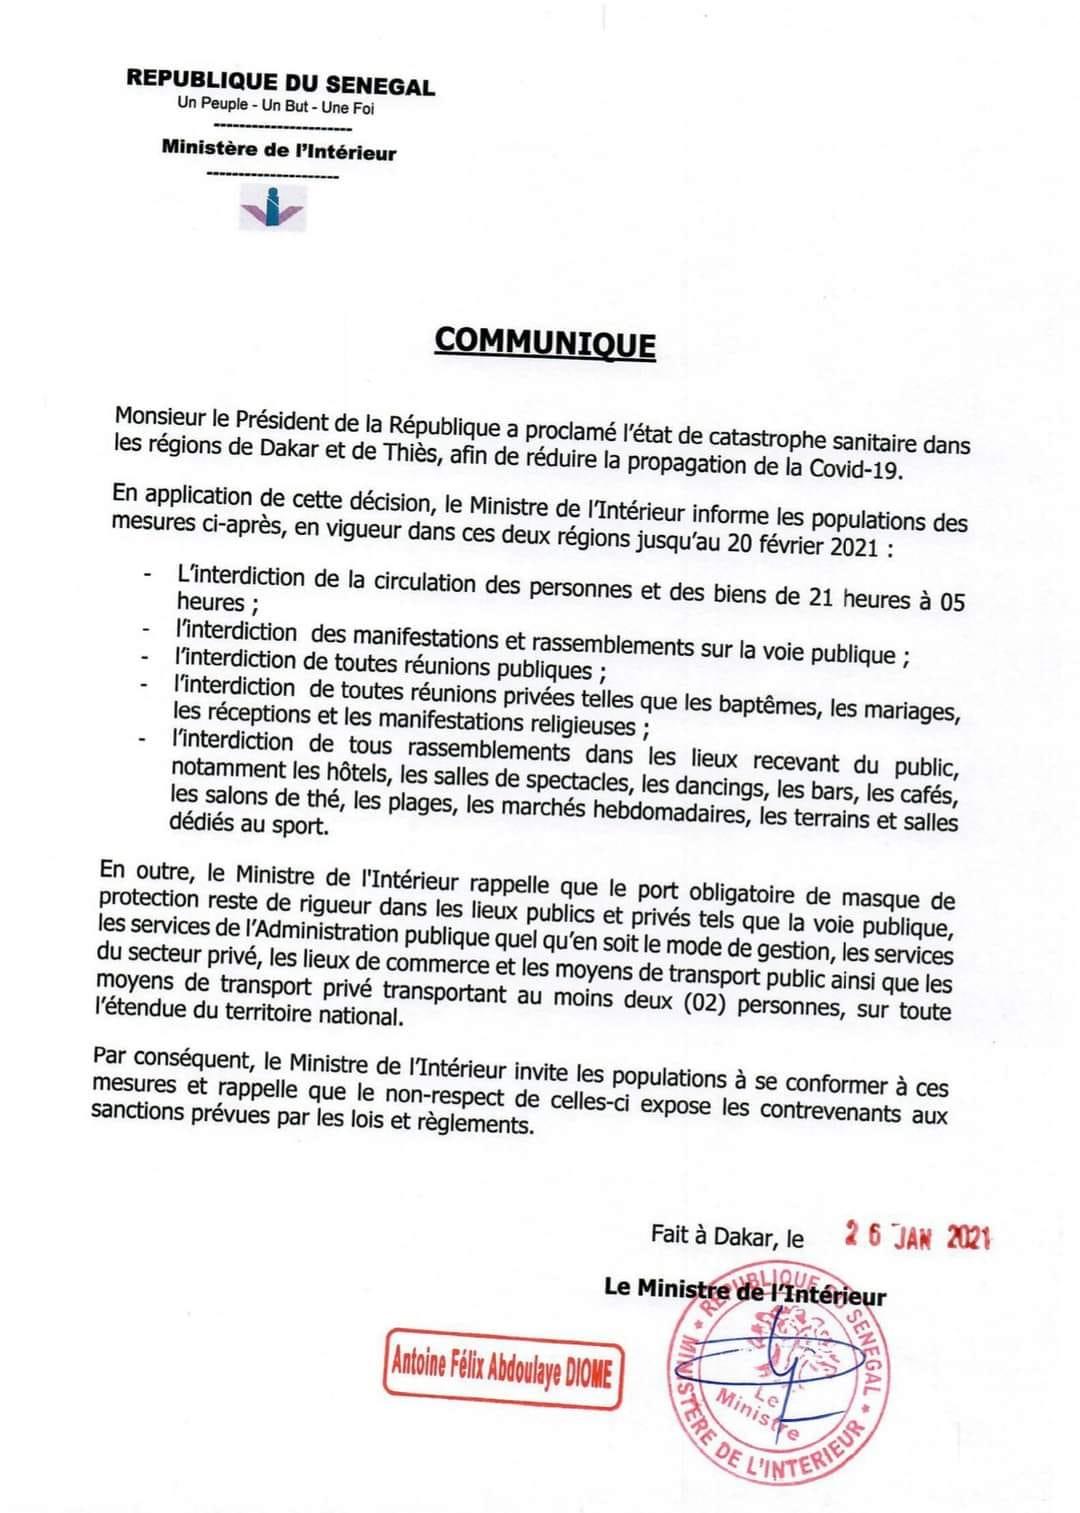 Le couvre feu maintenu jusqu'au 20 février (Ministre de l'intérieur )